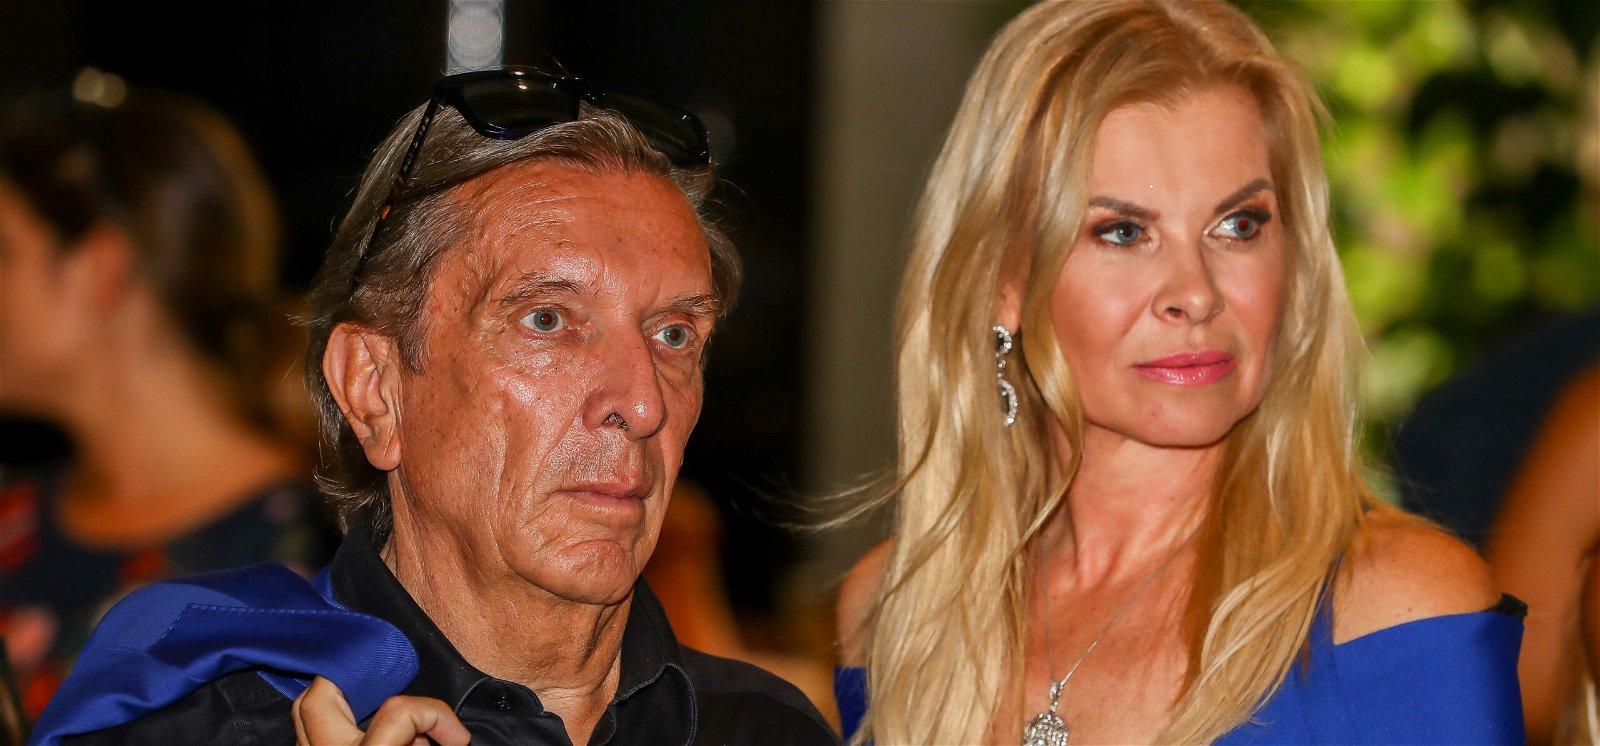 """Nagyon kiakadt Polgár Tünde férje: """"Úgy nézel ki, mint egy büdös k...a"""""""